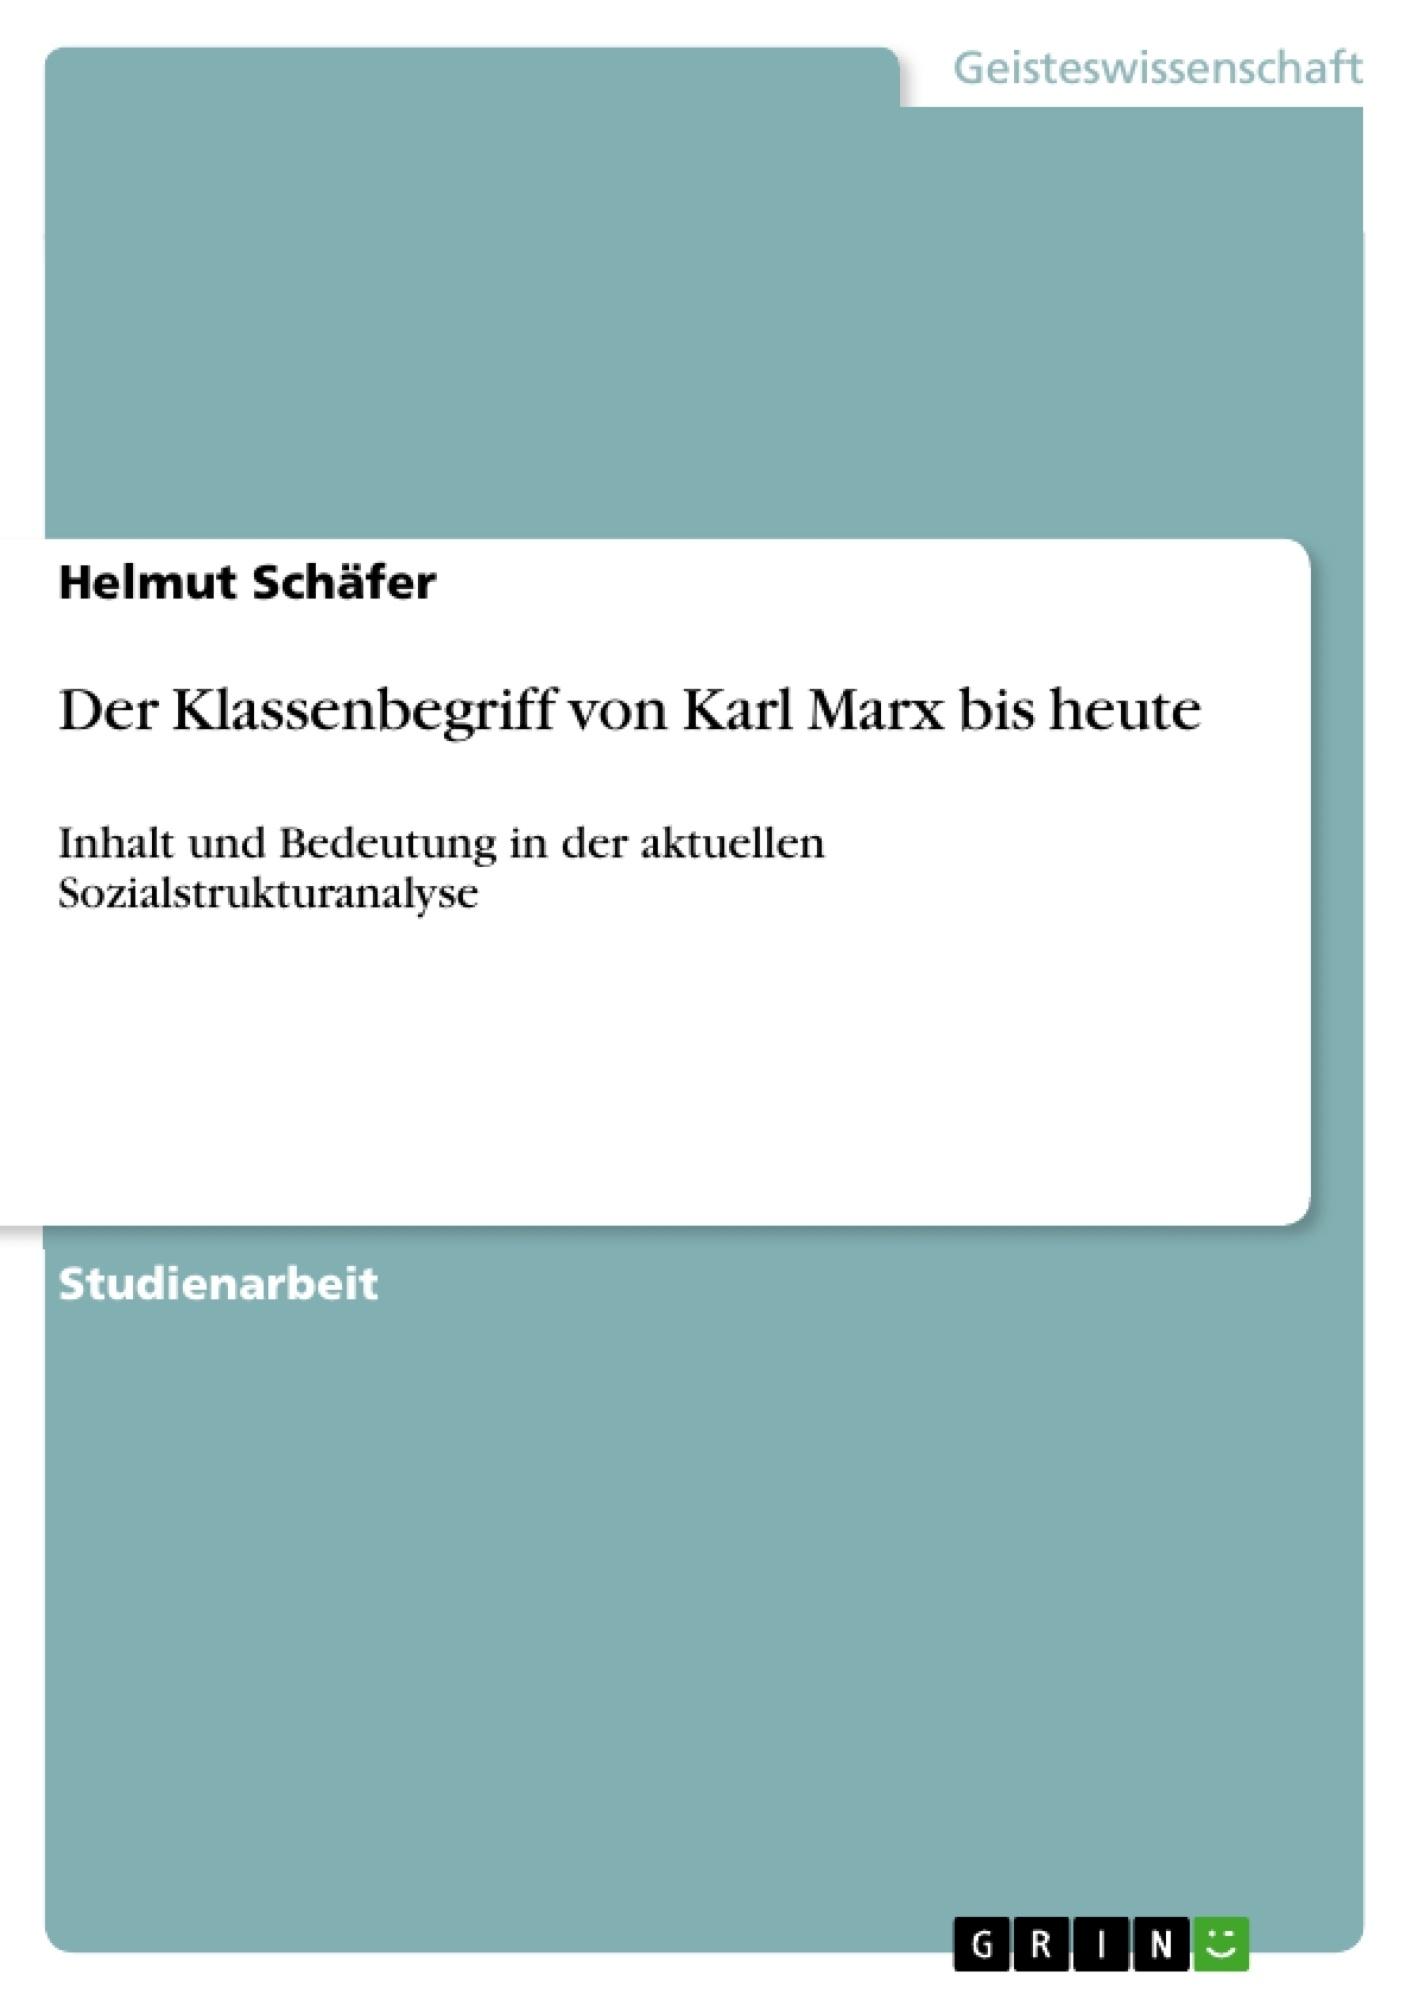 Titel: Der Klassenbegriff von Karl Marx bis heute